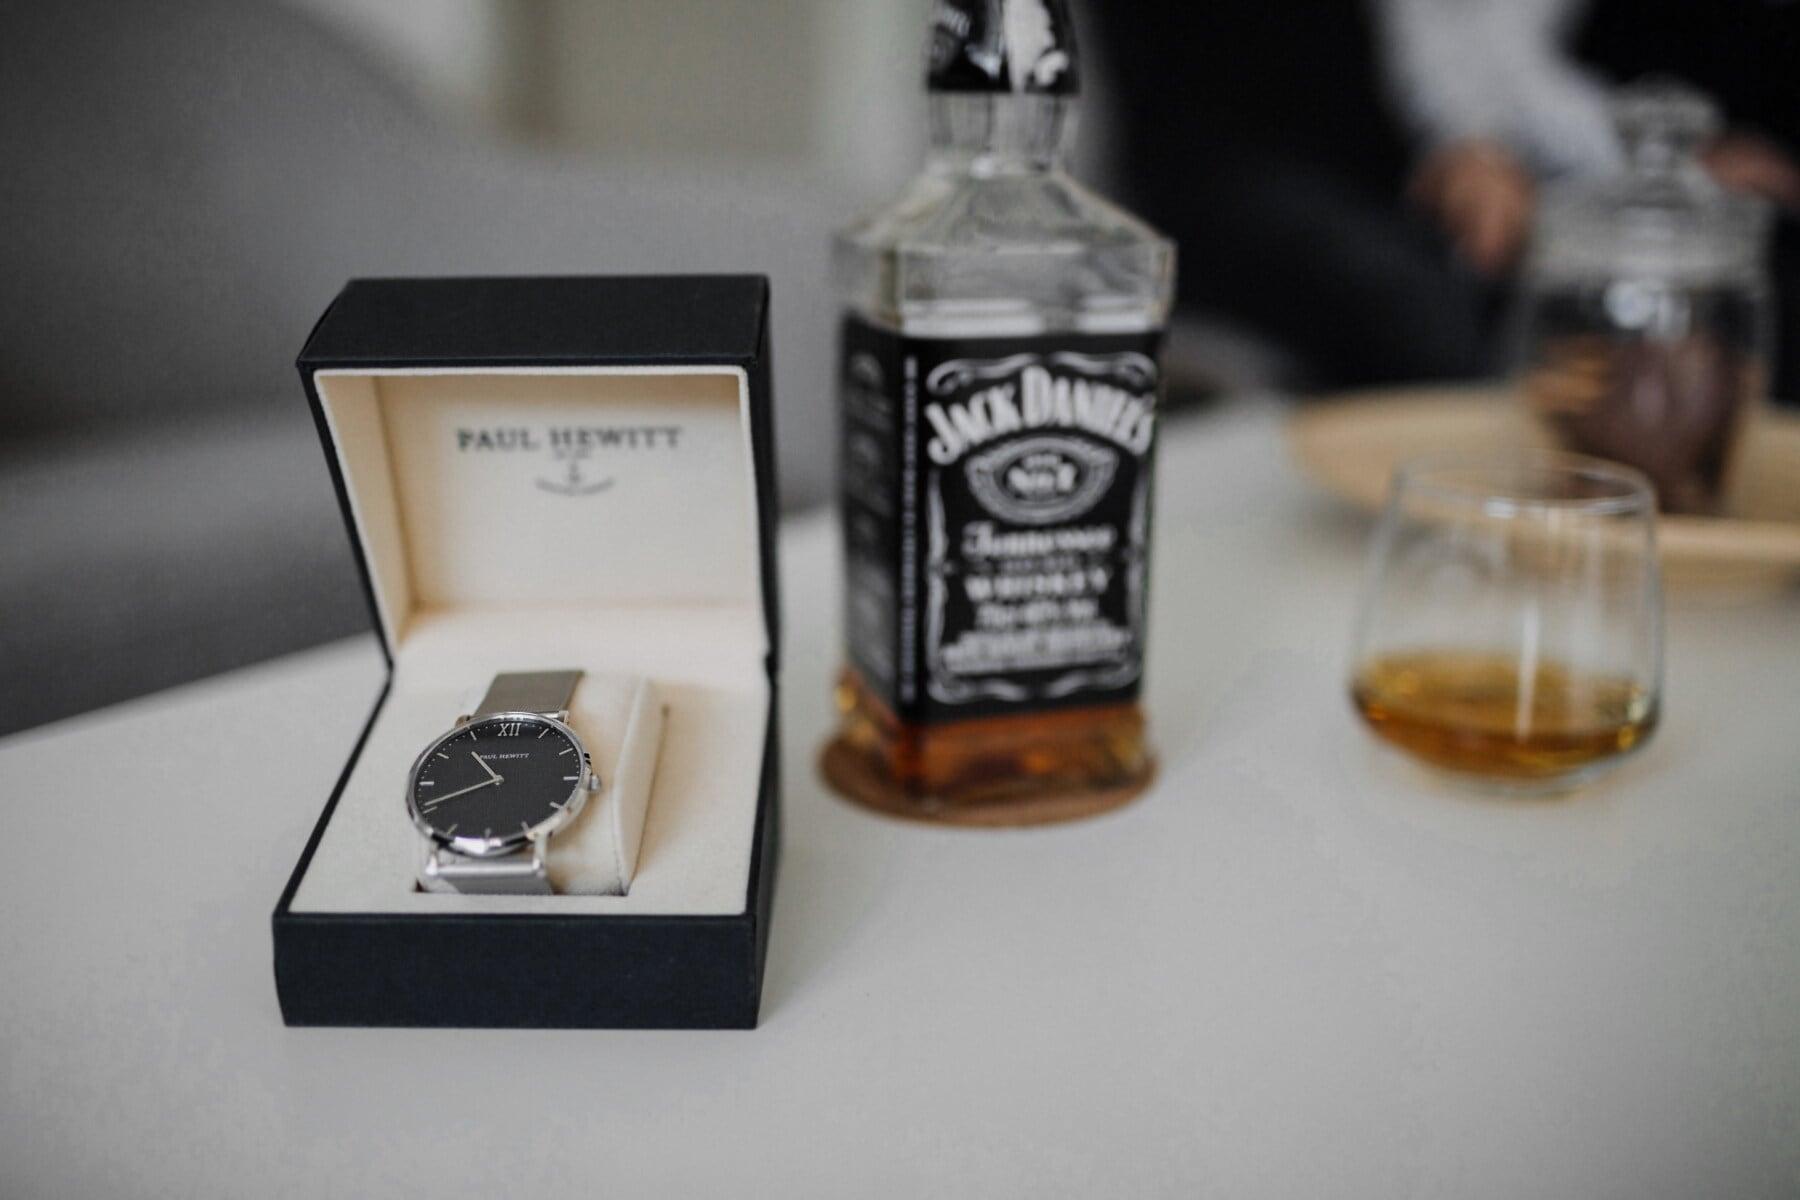 horloge analogique, cadeaux, luxe, bouteille, alcool, Silver, boisson, coûteux, à l'intérieur, nature morte